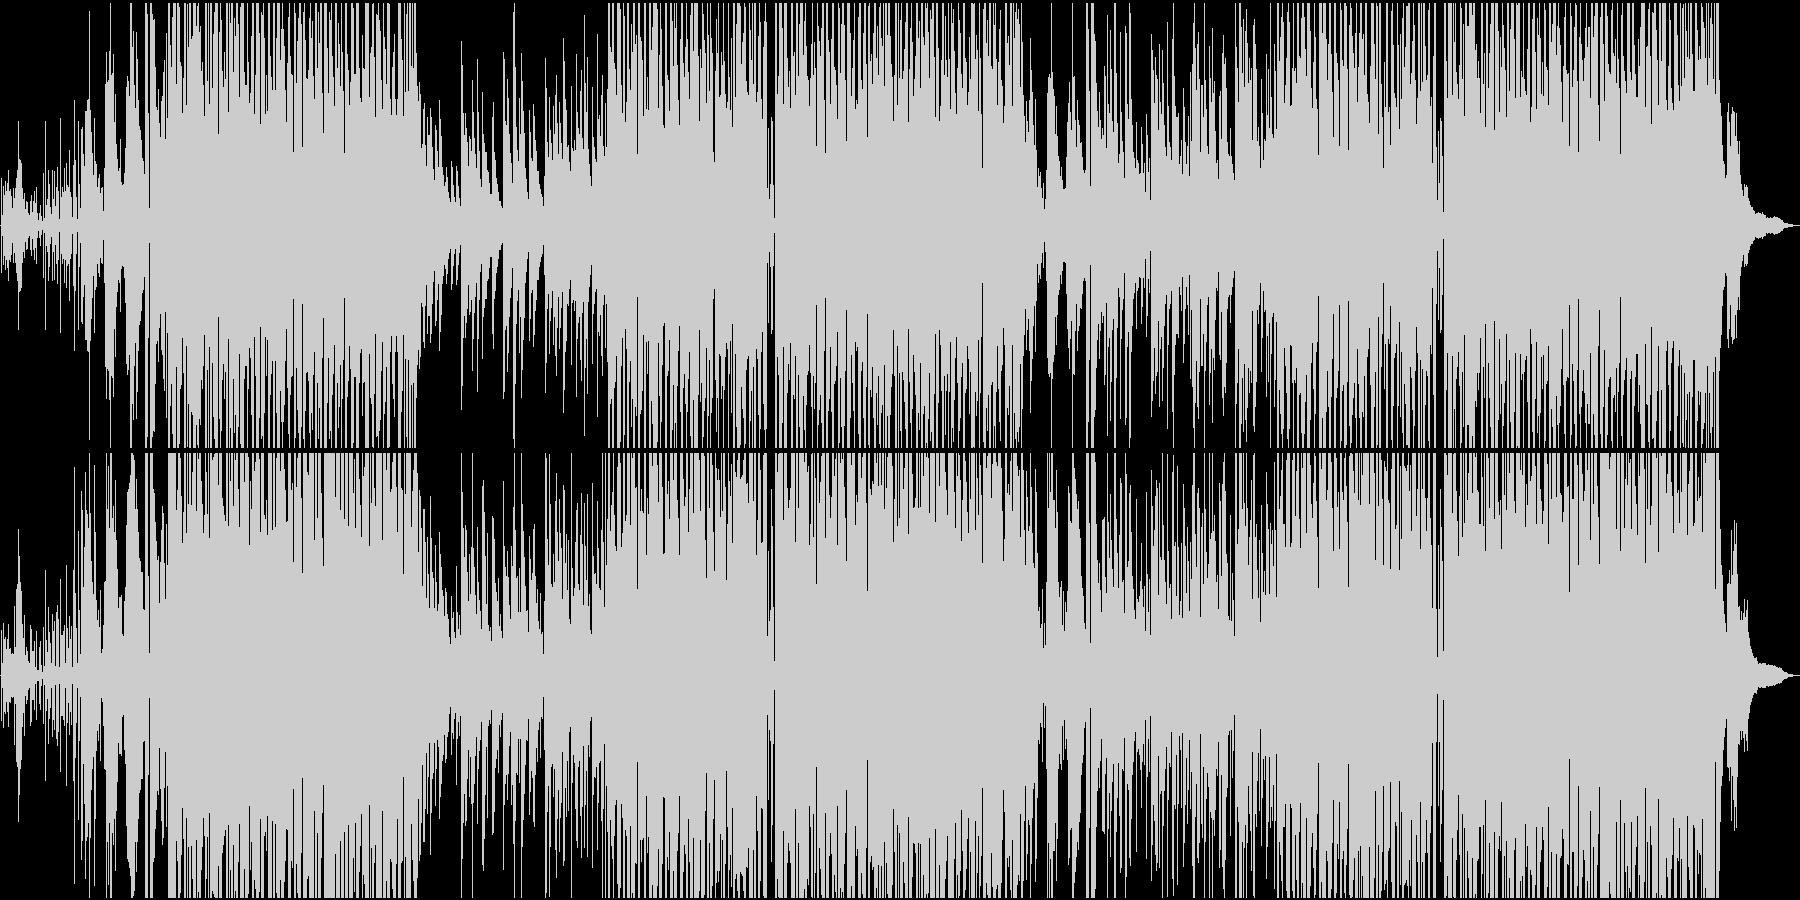 すがすがしいアコースティックなボサノバの未再生の波形